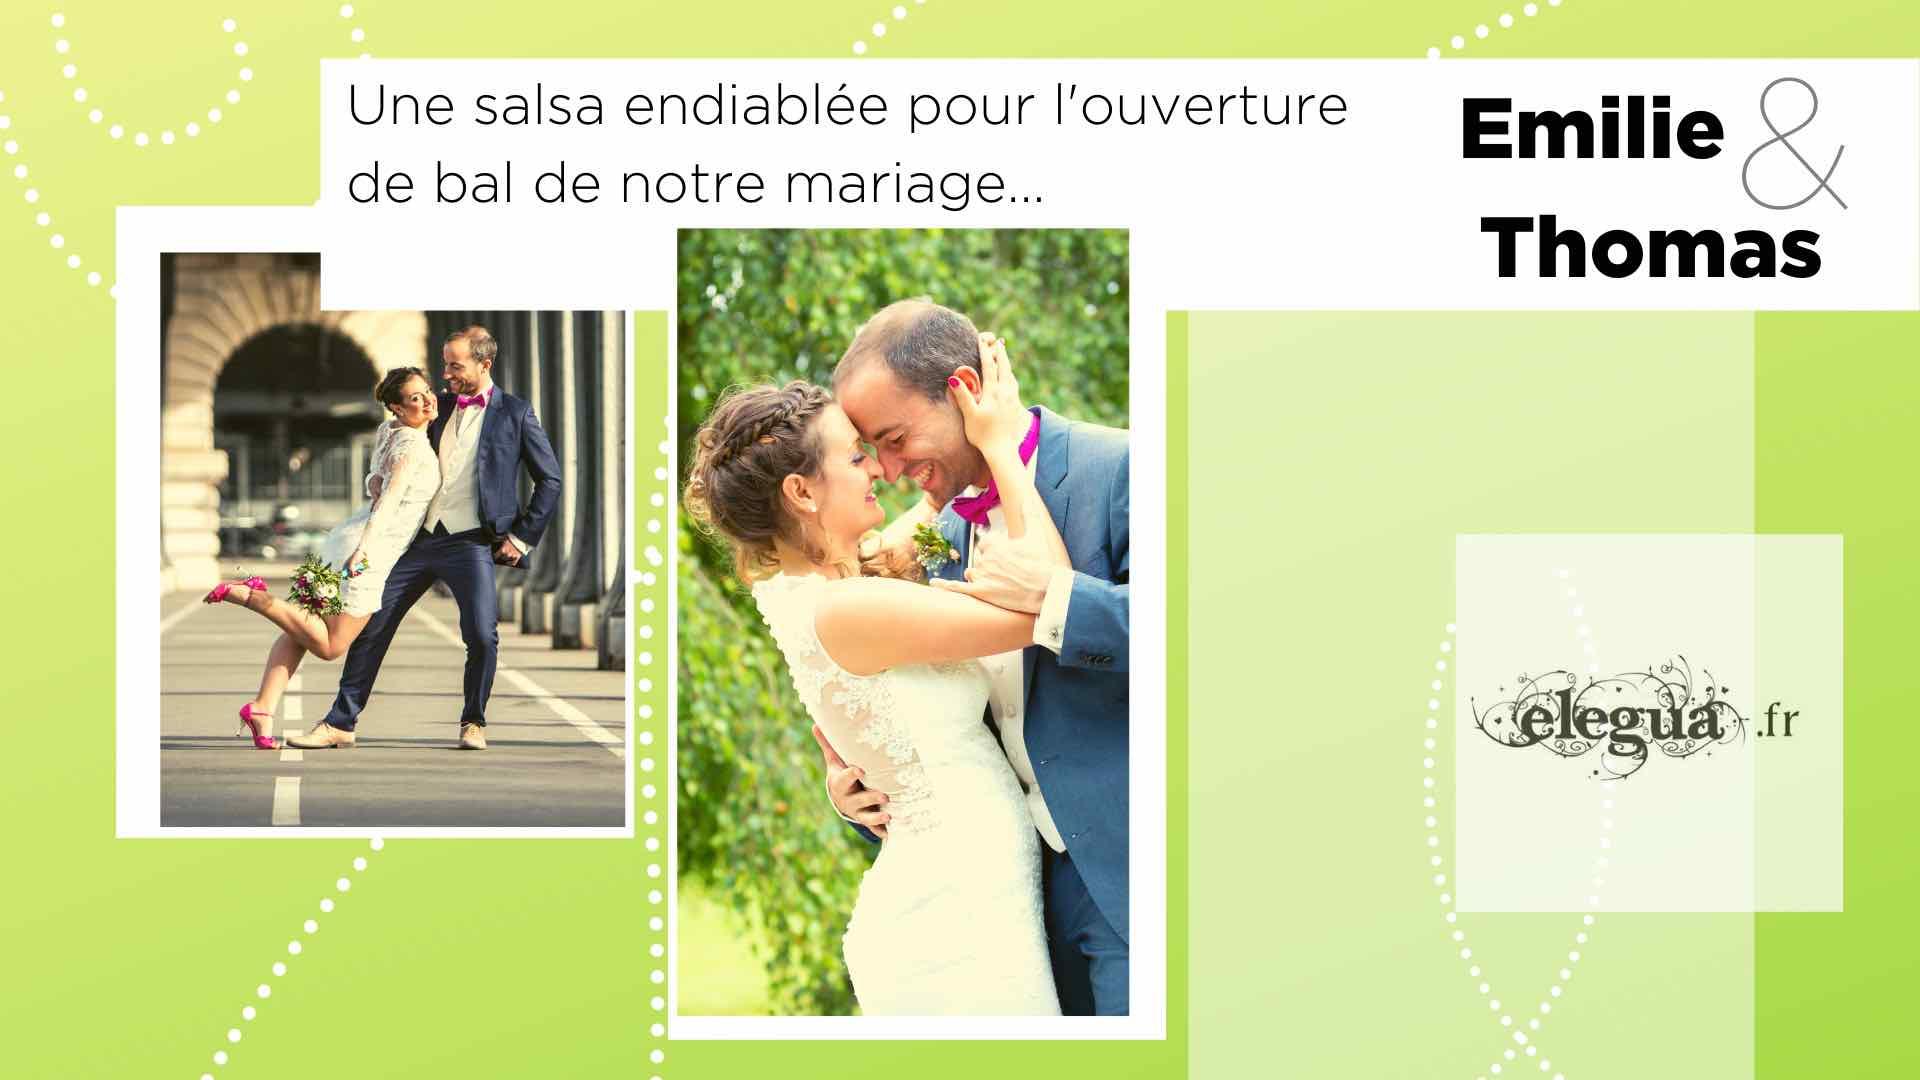 Ils ont rencontré l'amour chez Elegua :Emile et Thomas. Pour la Saint-Valentin 8 couples nous partagent leur histoire...